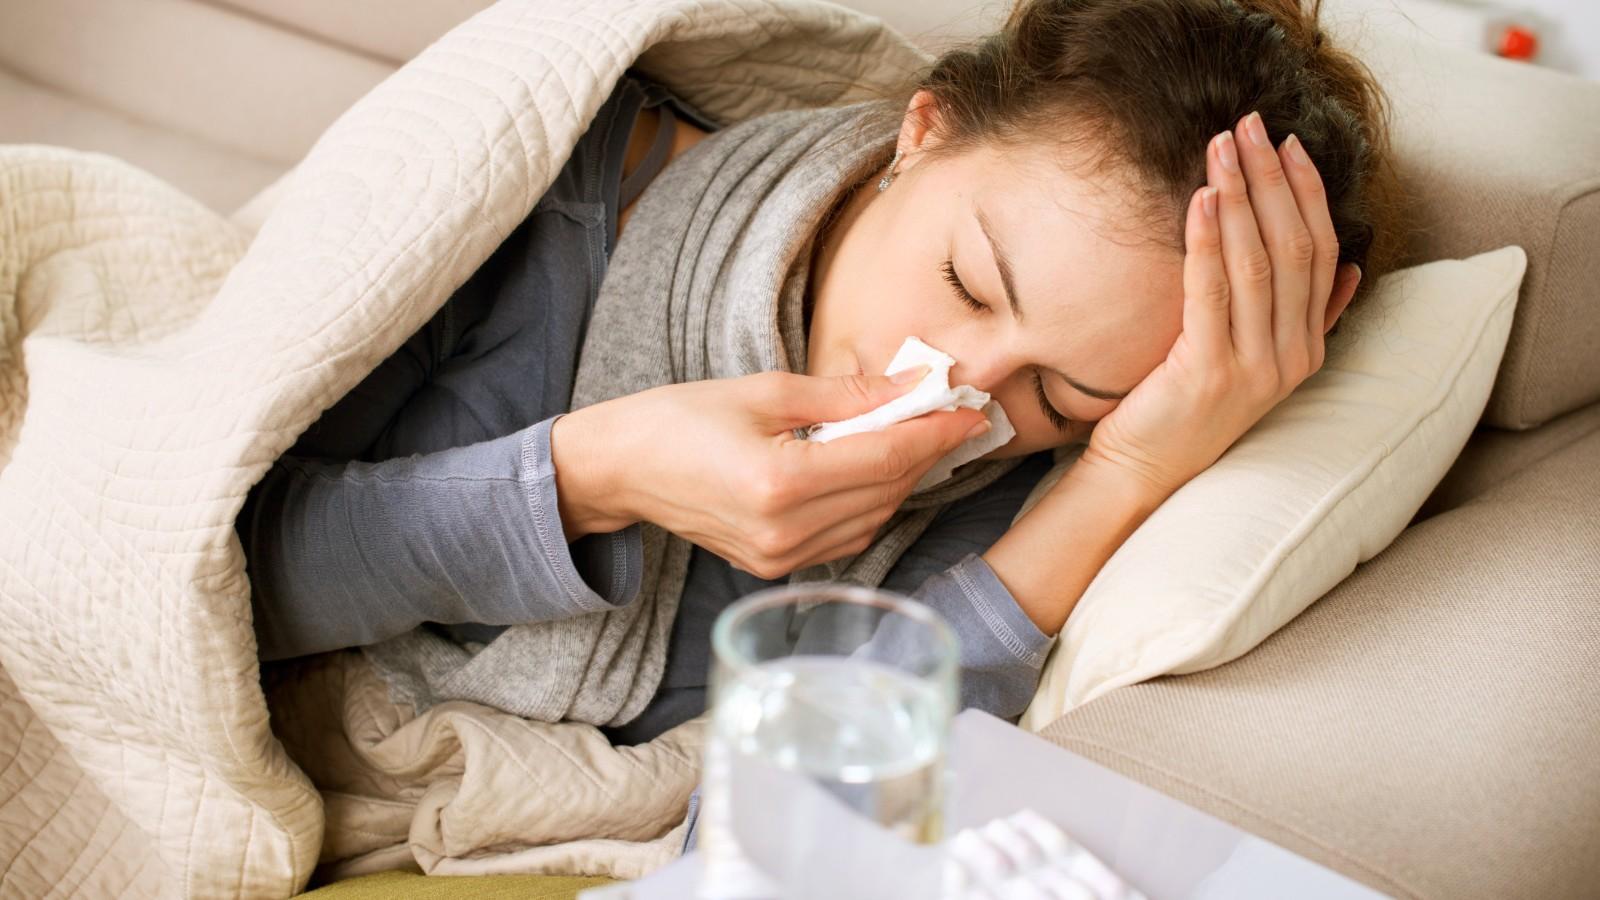 Nghỉ ốm đau 12 ngày đi làm 2 ngày thì có đóng BHXH cho tháng đó không?